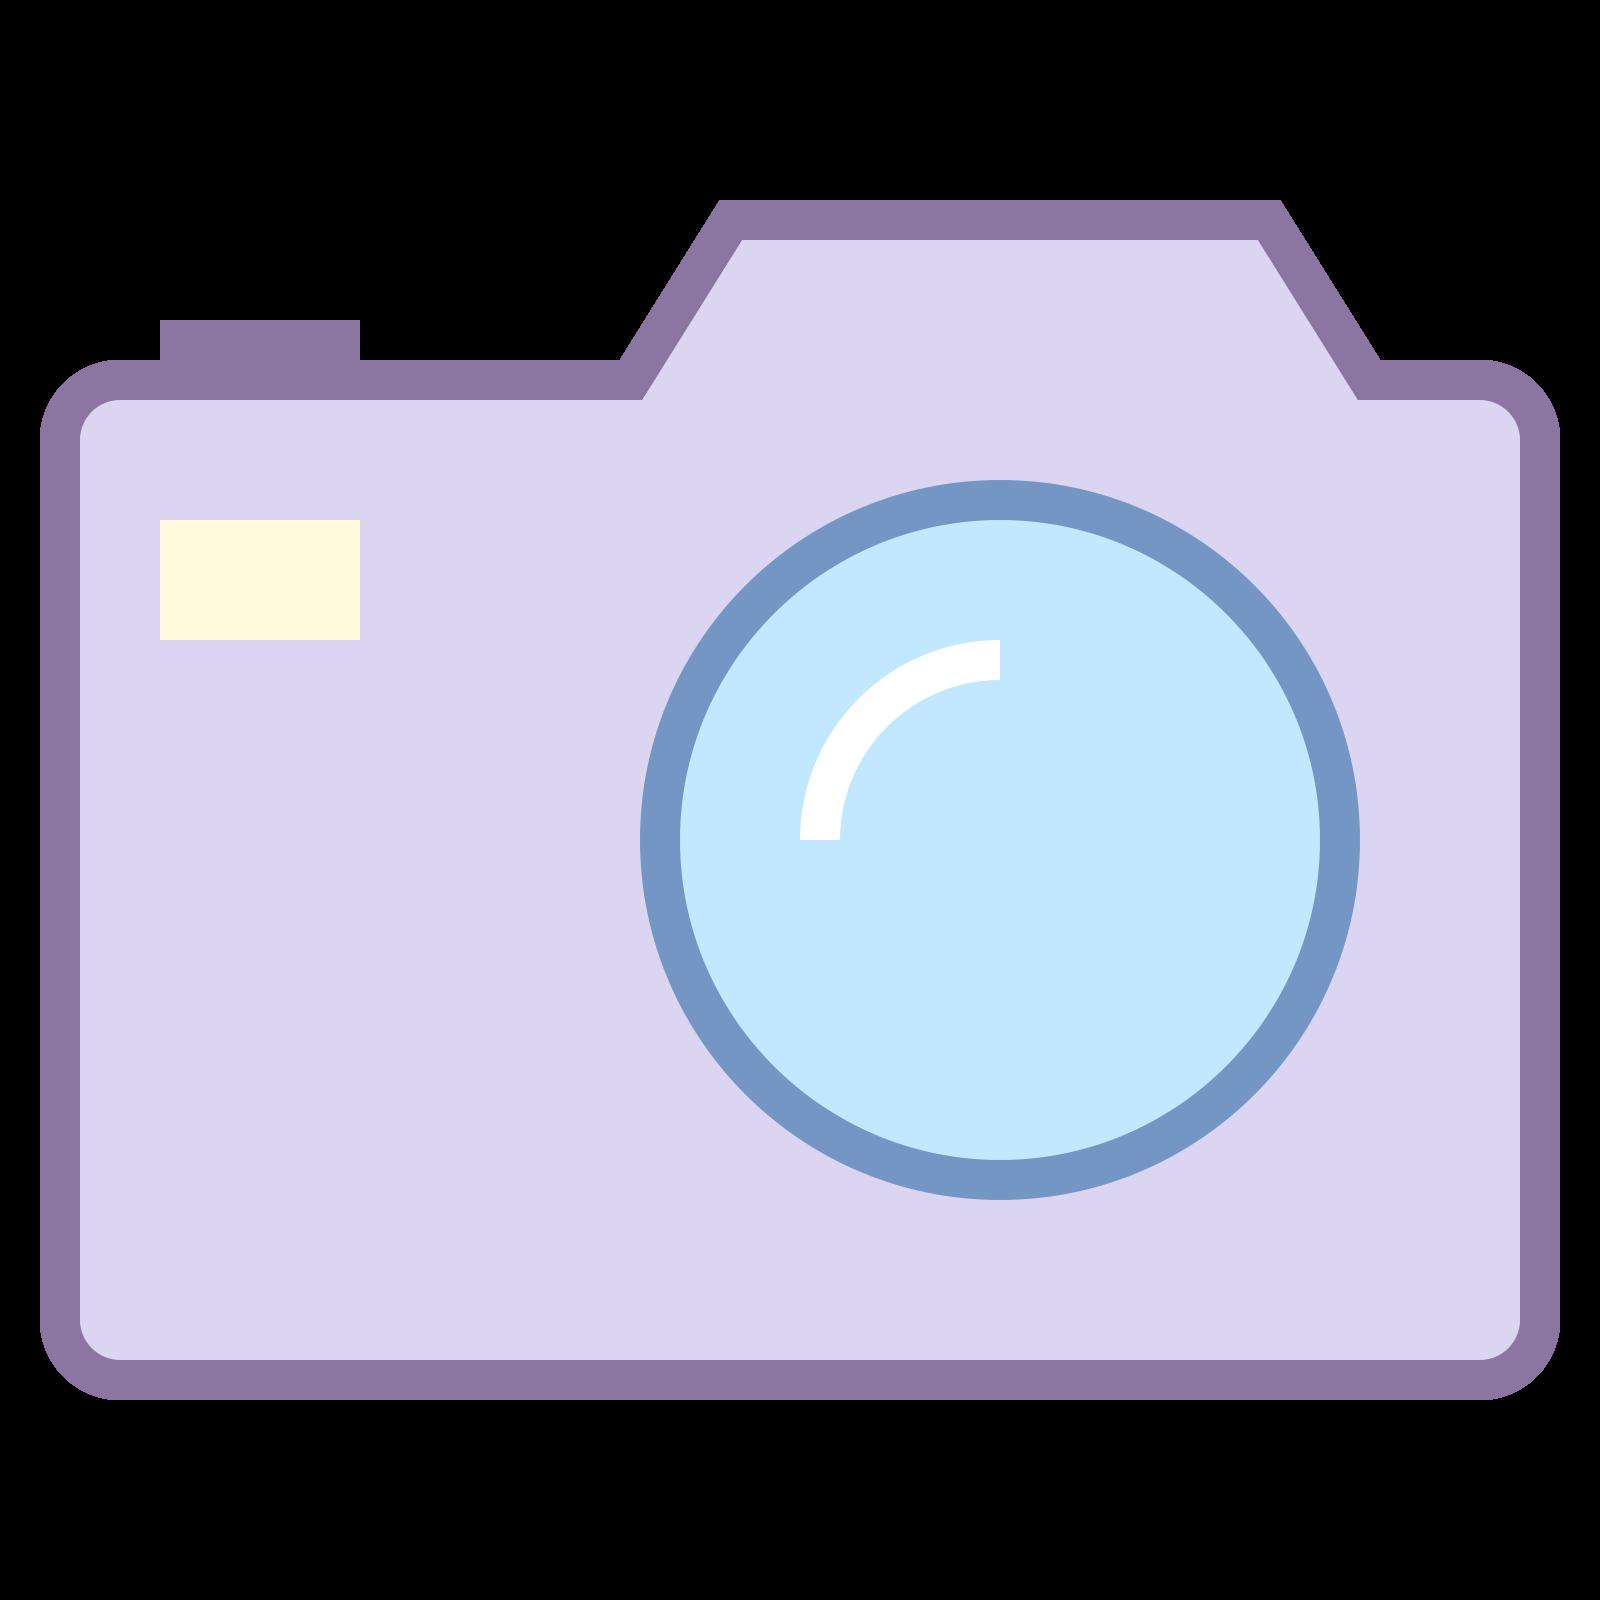 一眼レフカメラ icon. There is a square with curved edges. On the top of the square there are two areas that protrude. There is also a circle inside the square to depict a camera lens as well as a small dot in the upper right corner.